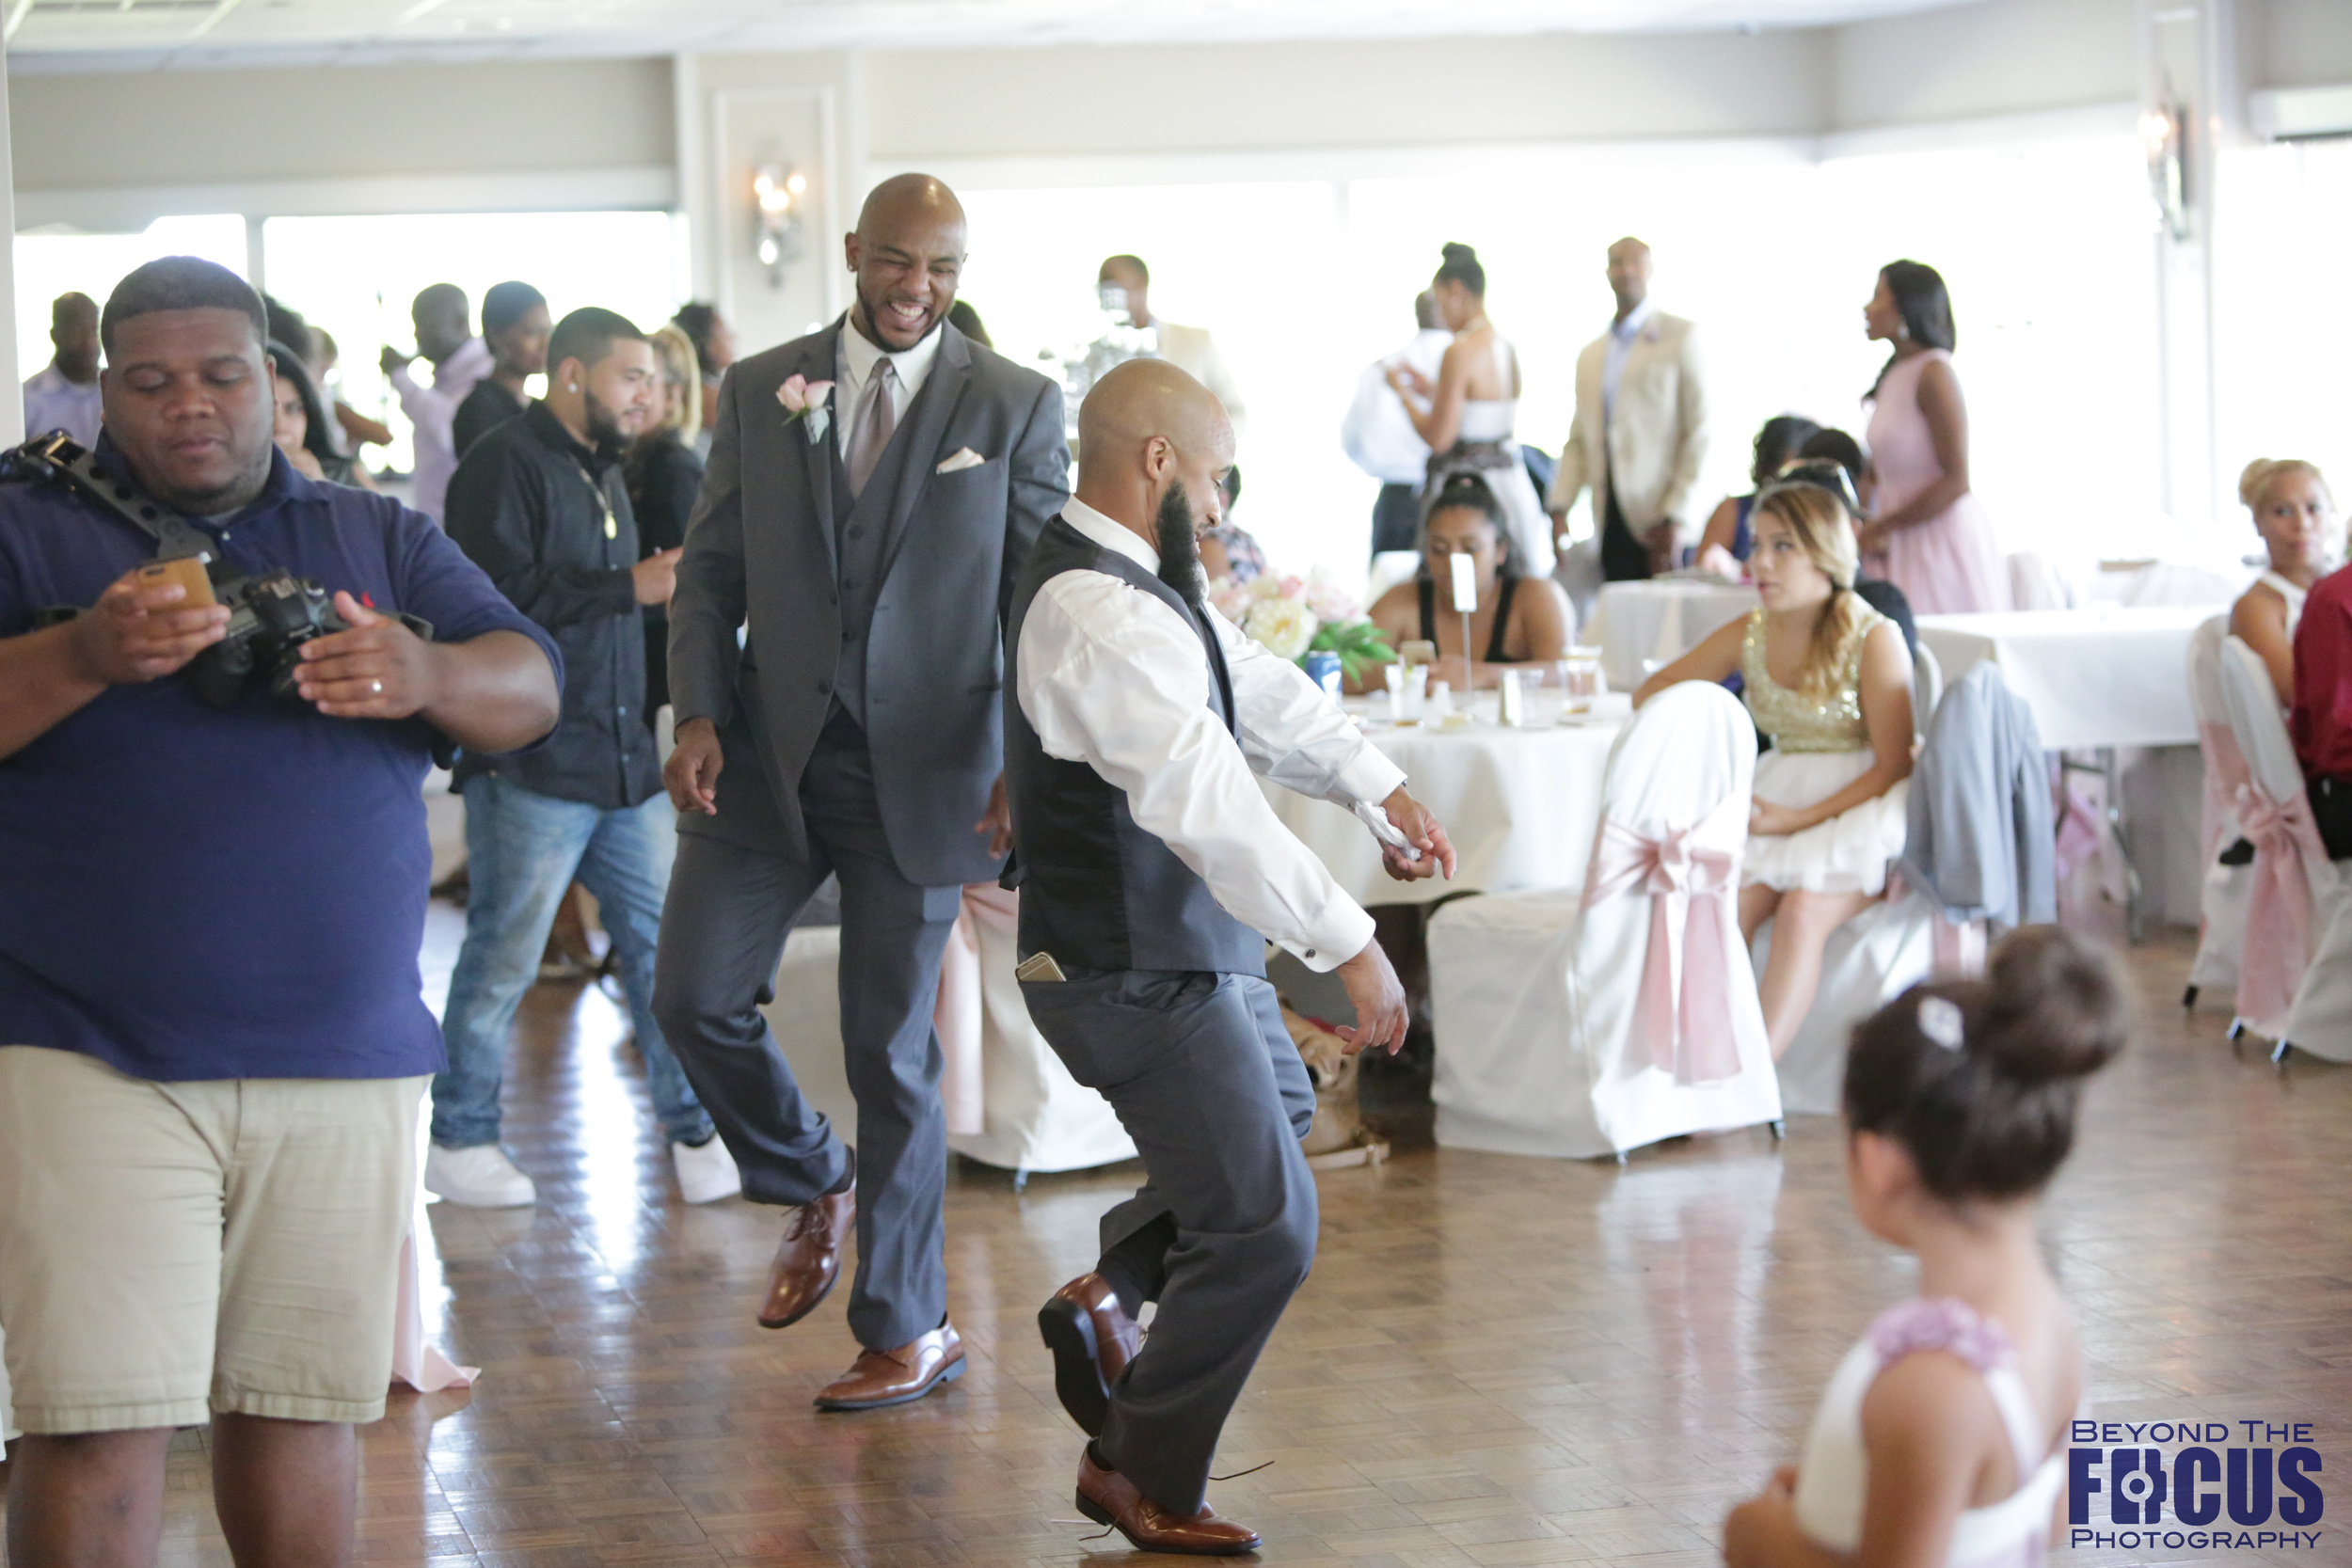 Palmer Wedding - Reception 229.jpg